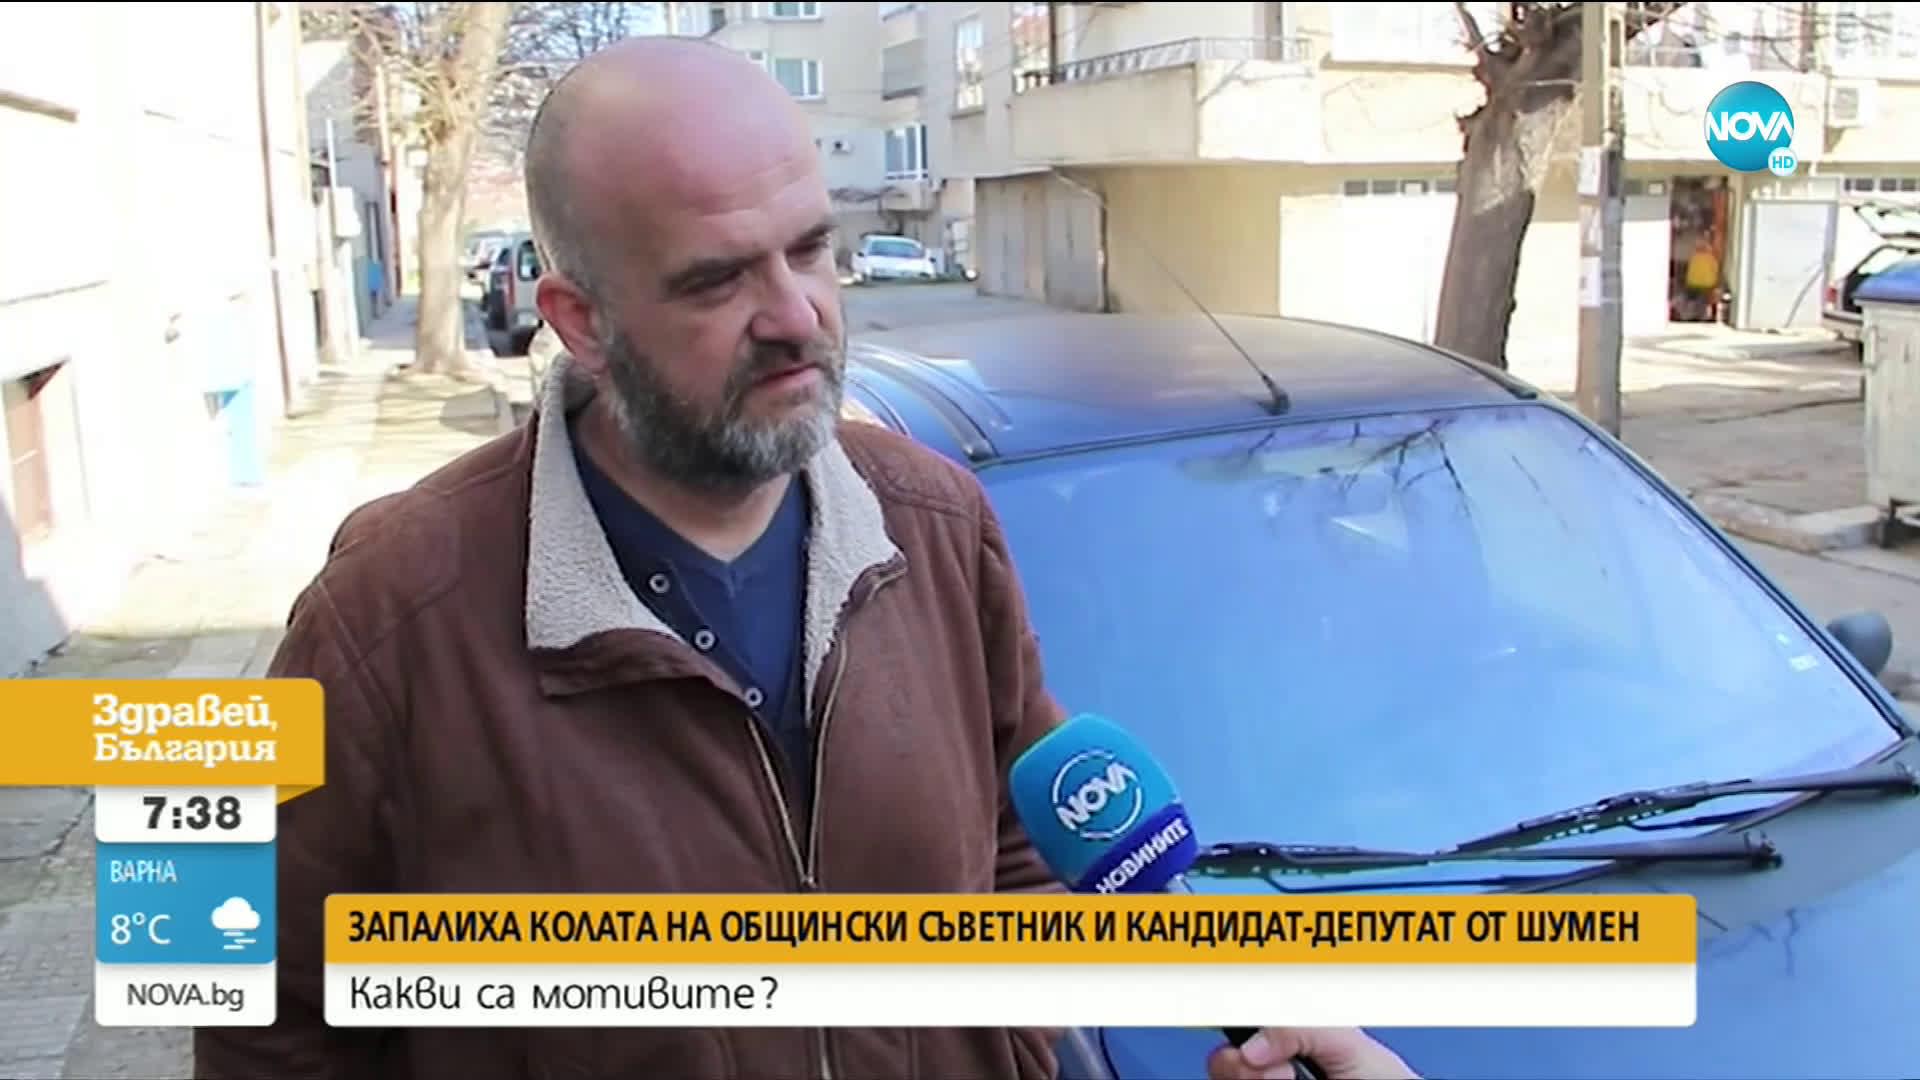 Запалиха колата на общински съветник в Шумен